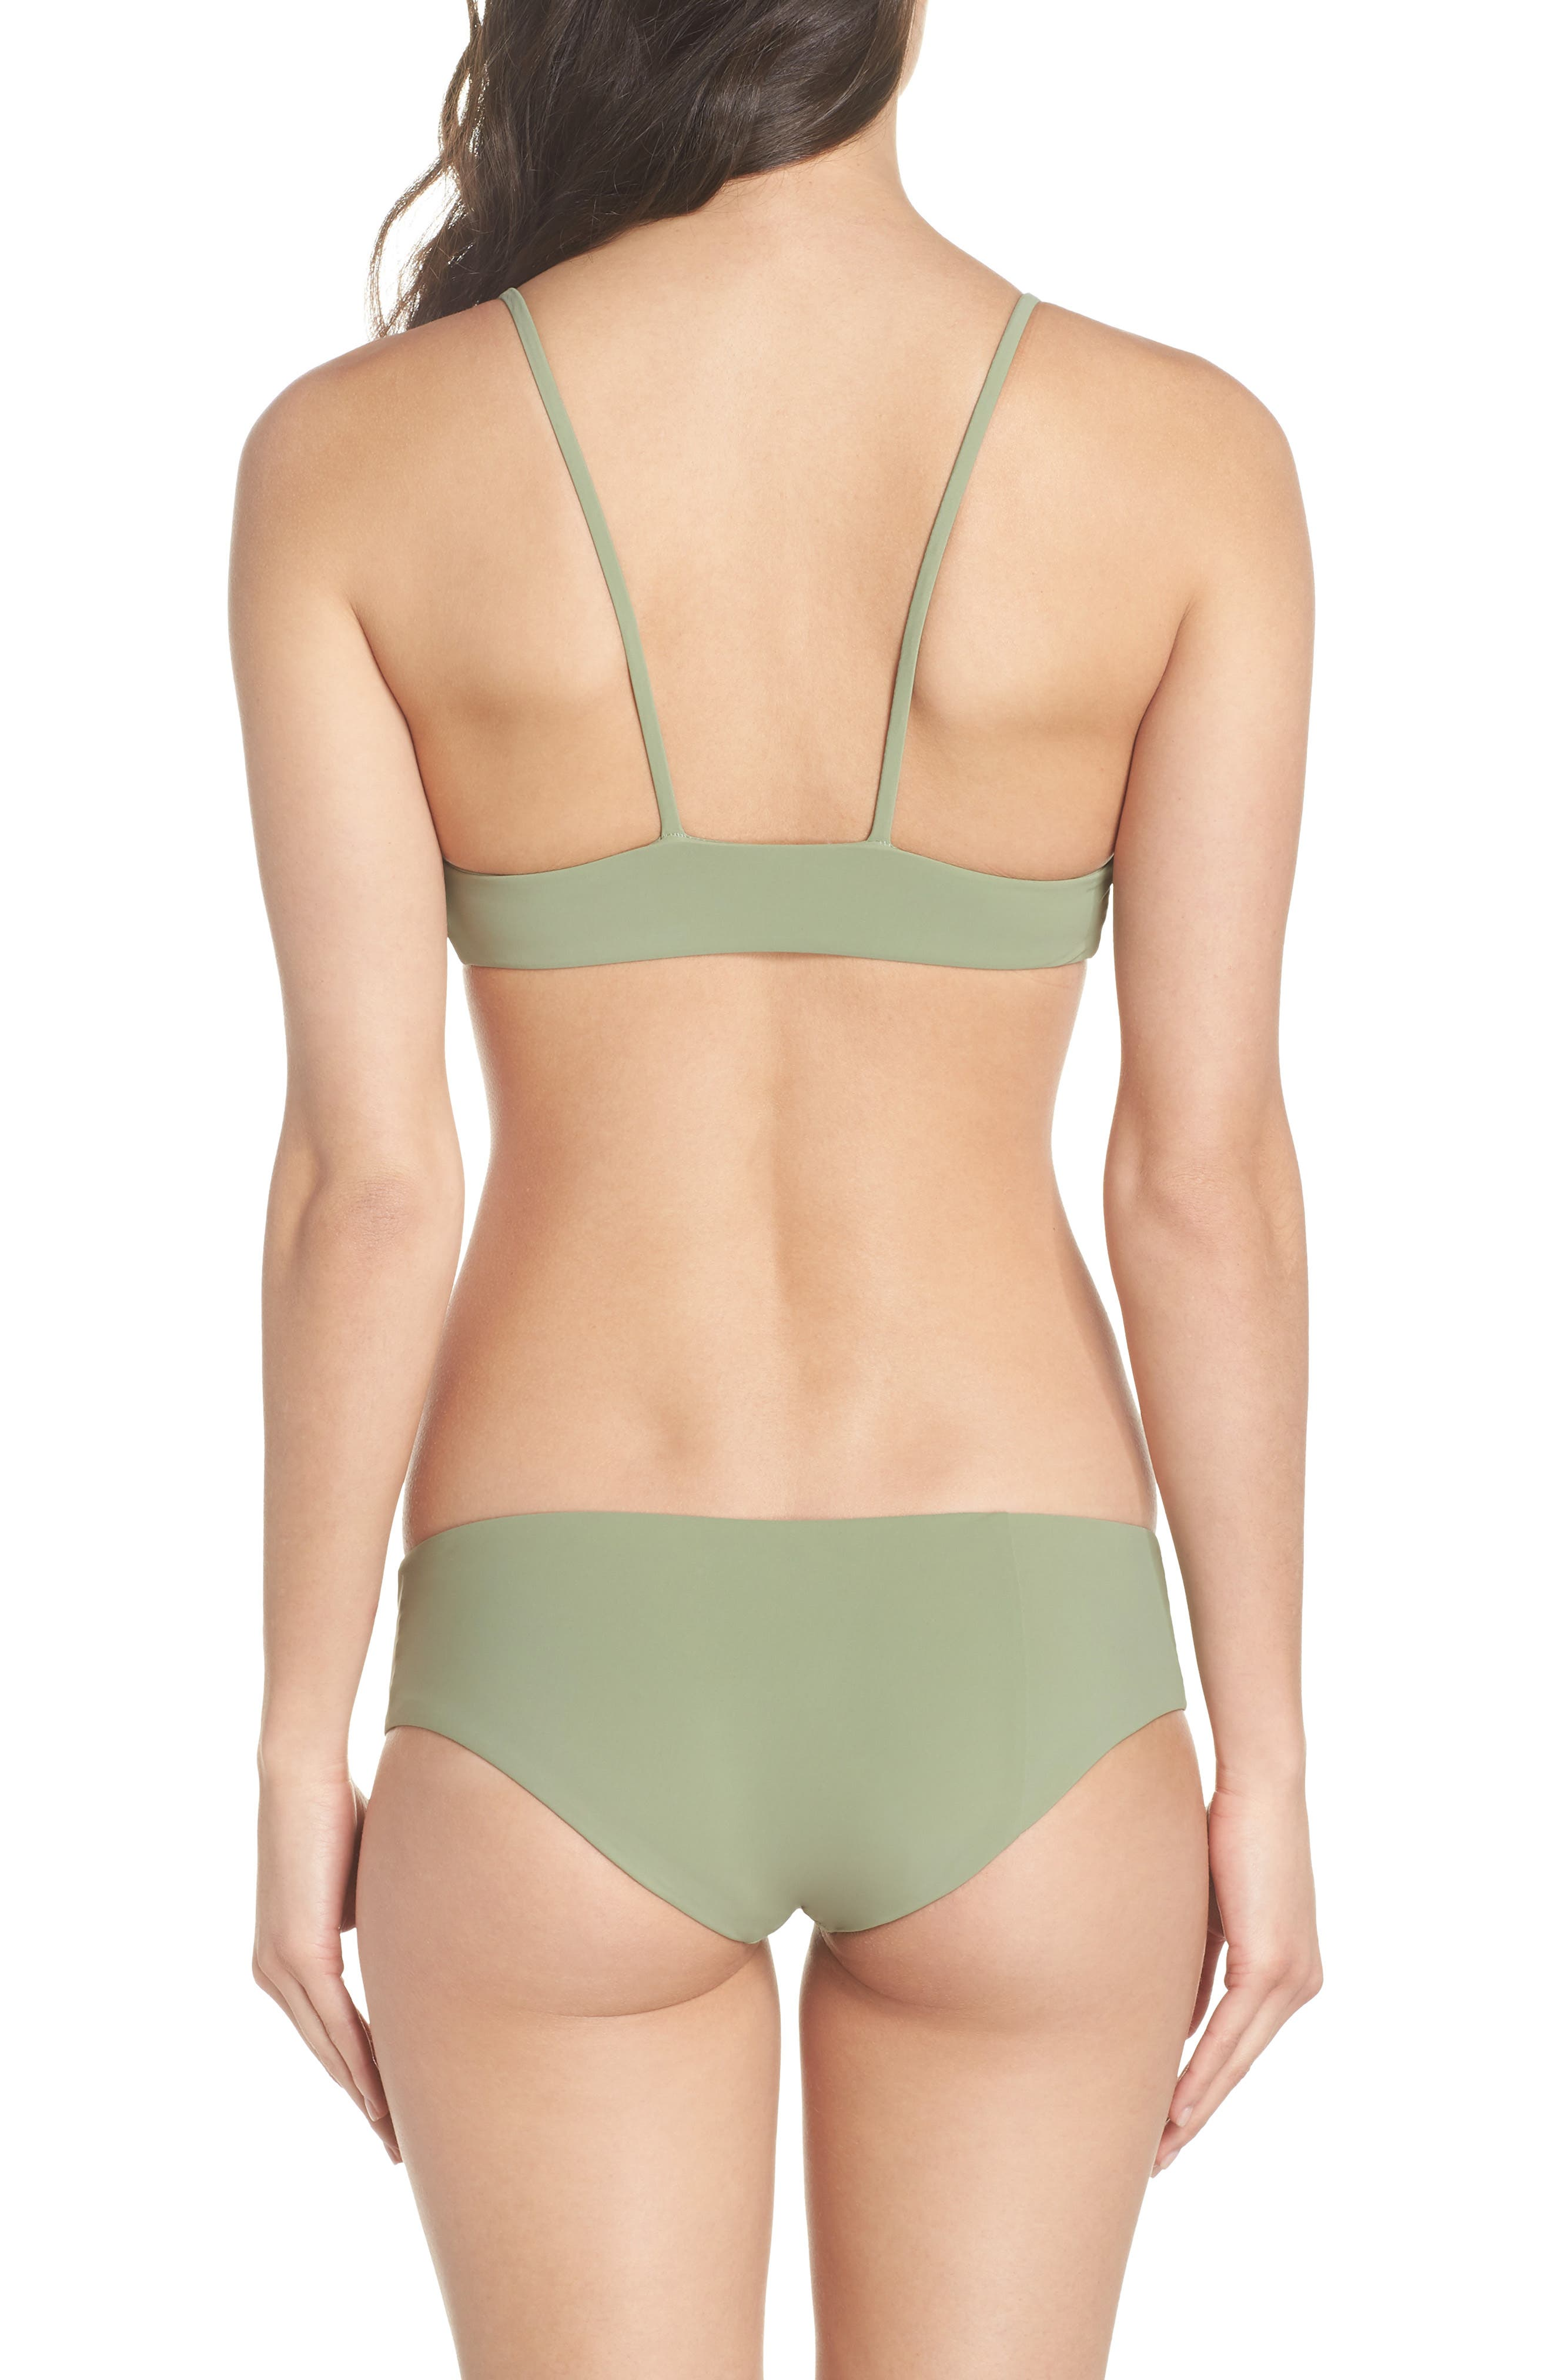 Dana the Delinquent Bikini Top,                             Alternate thumbnail 8, color,                             SAGE